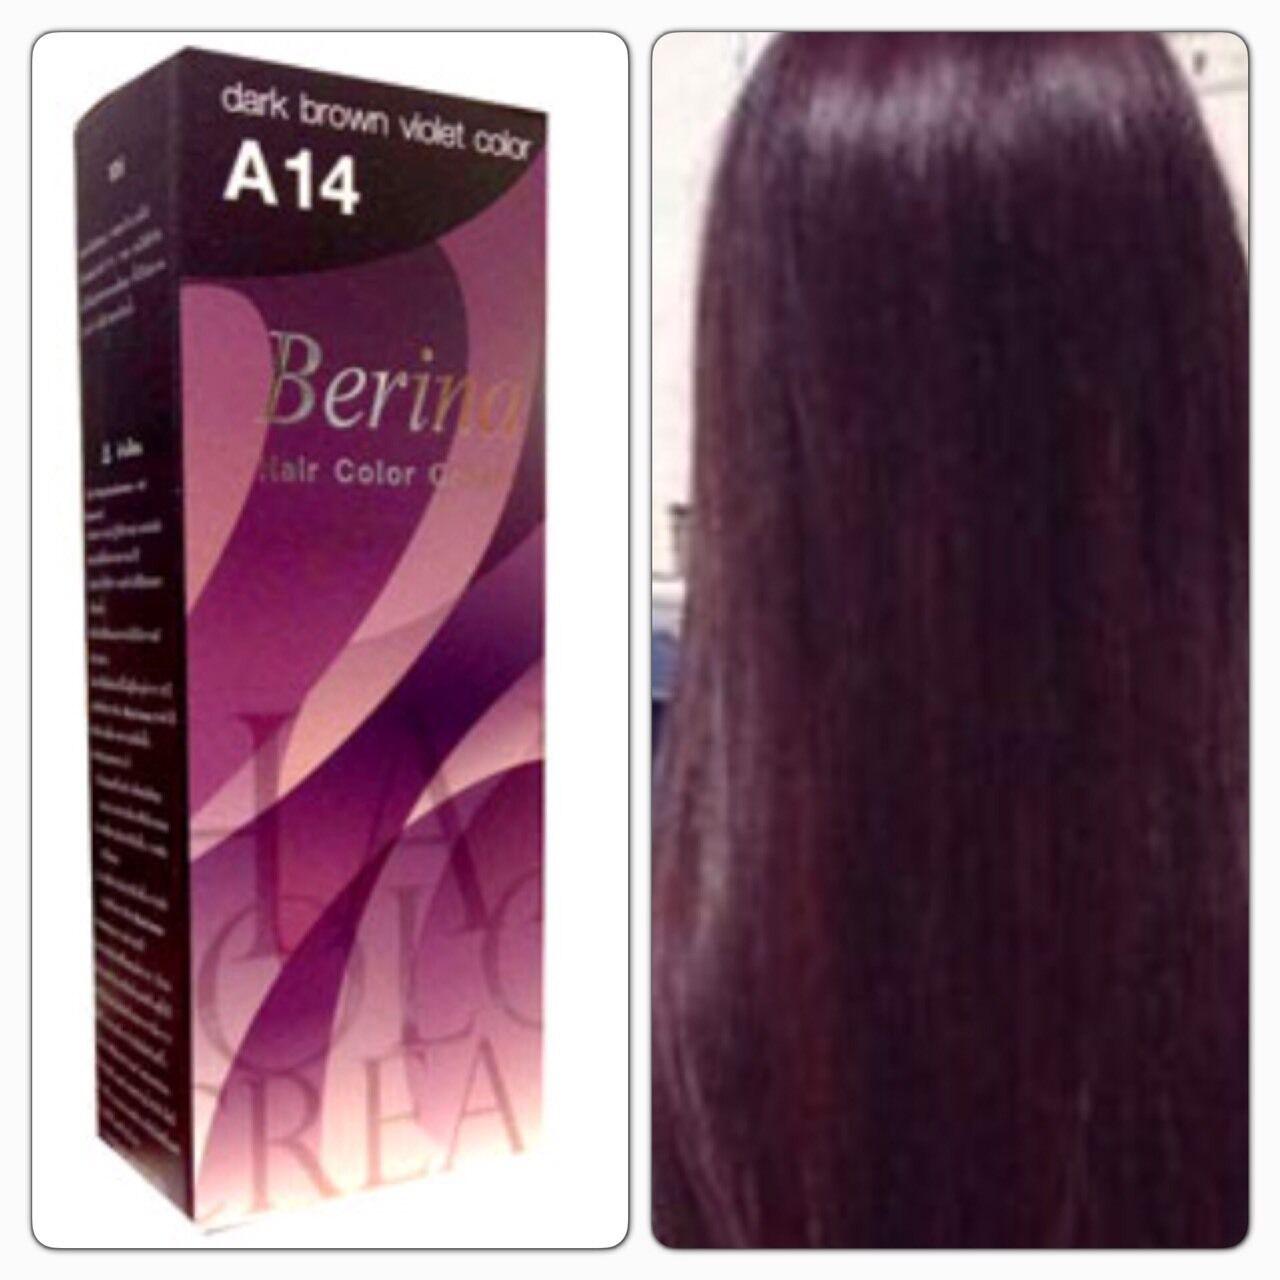 Berina A14 Dark Brown Violet Hair Color Cream Color